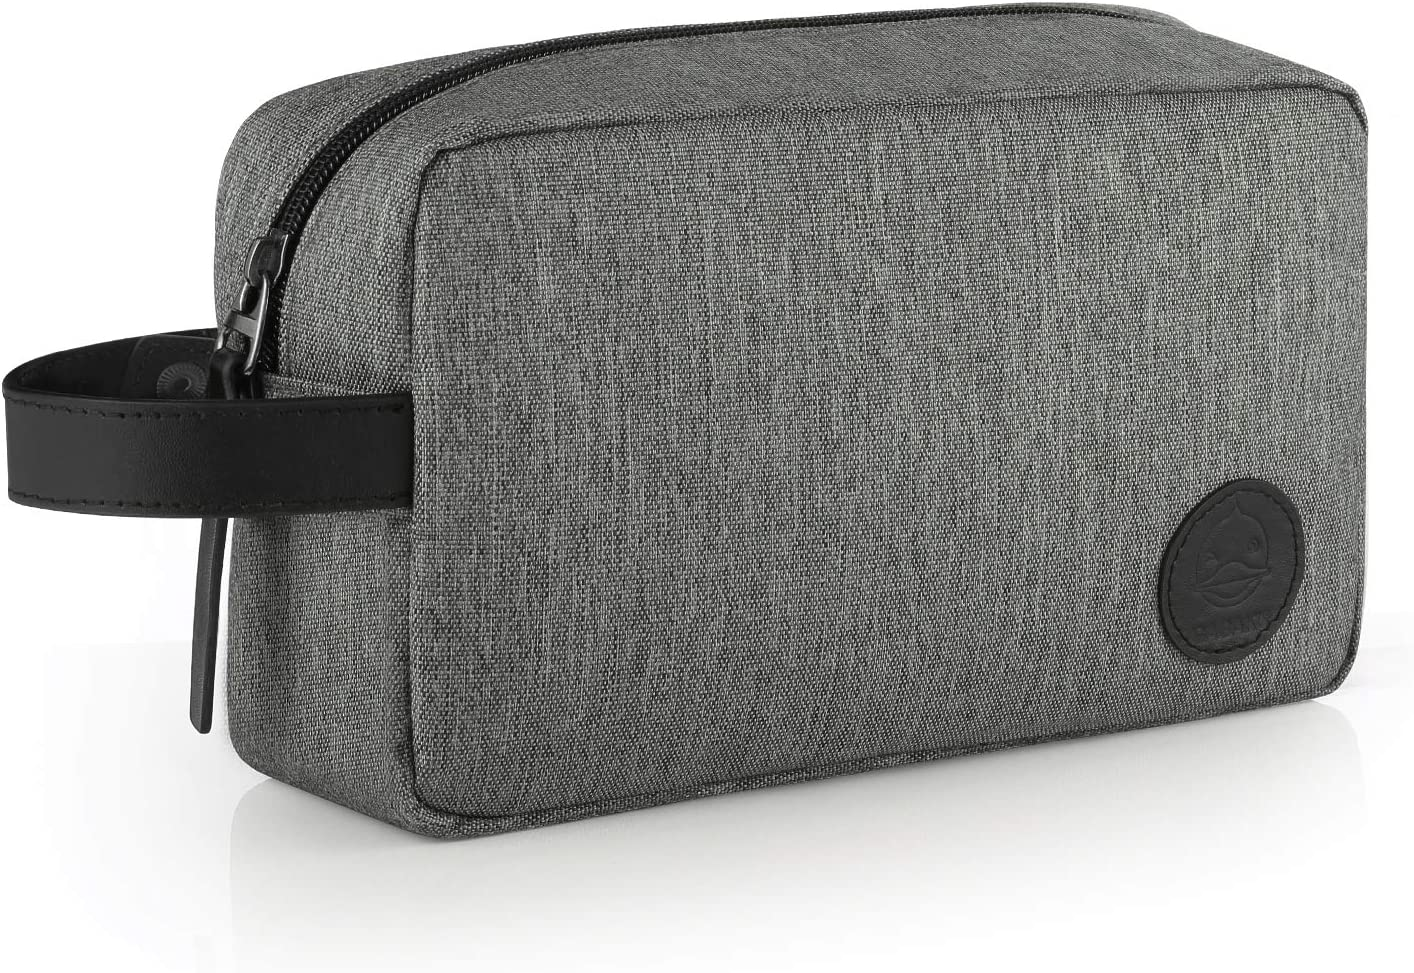 Gris GAGAKU Homme Trousse de Toilette Imperm/éable Dopp Kit Multifonctions Trousses /à Maquillage de Voyage